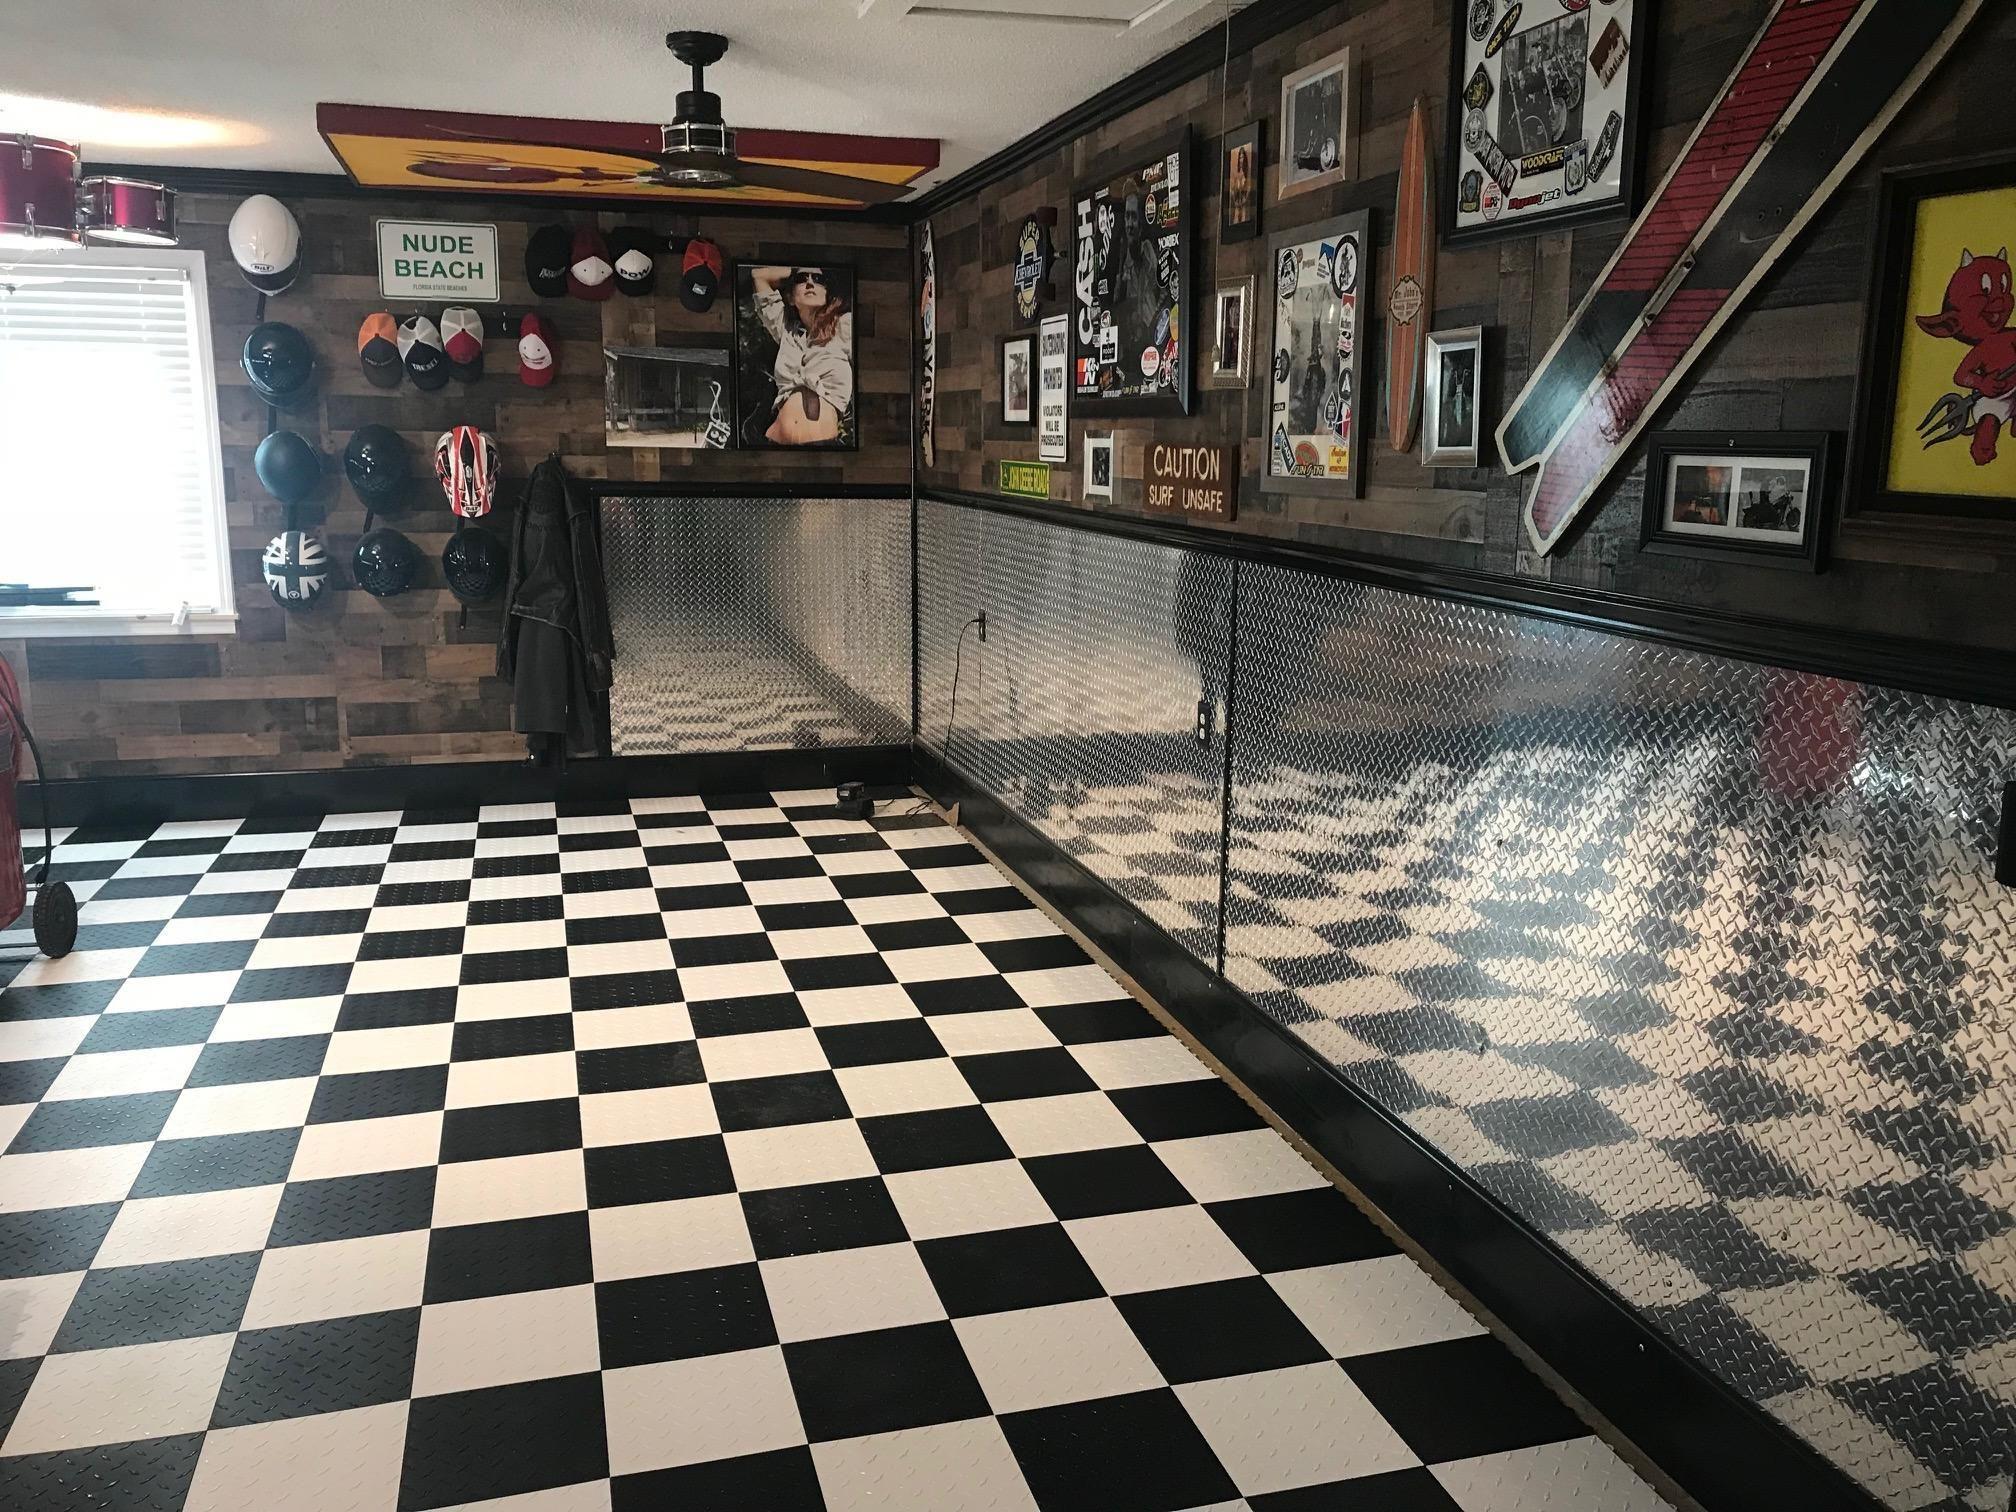 Garage Floor Tiles American Made Truelock Hd Racedeck Tile With Images Garage Floor Tile Floor Garage Floor Tiles